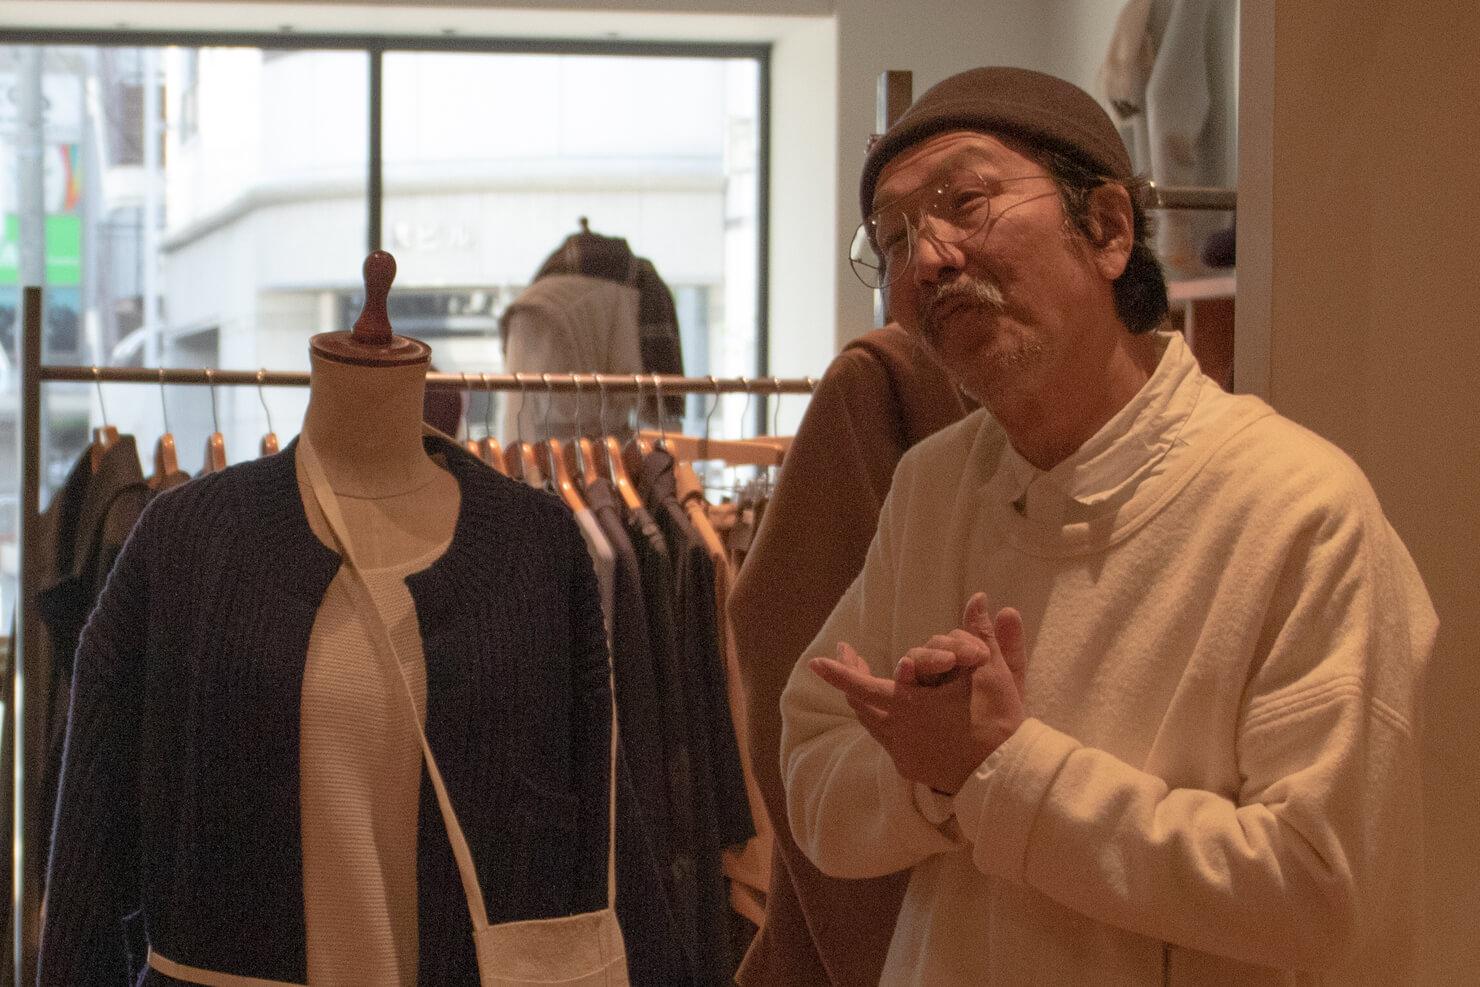 オネエポーズをする浅田さんのアップの写真